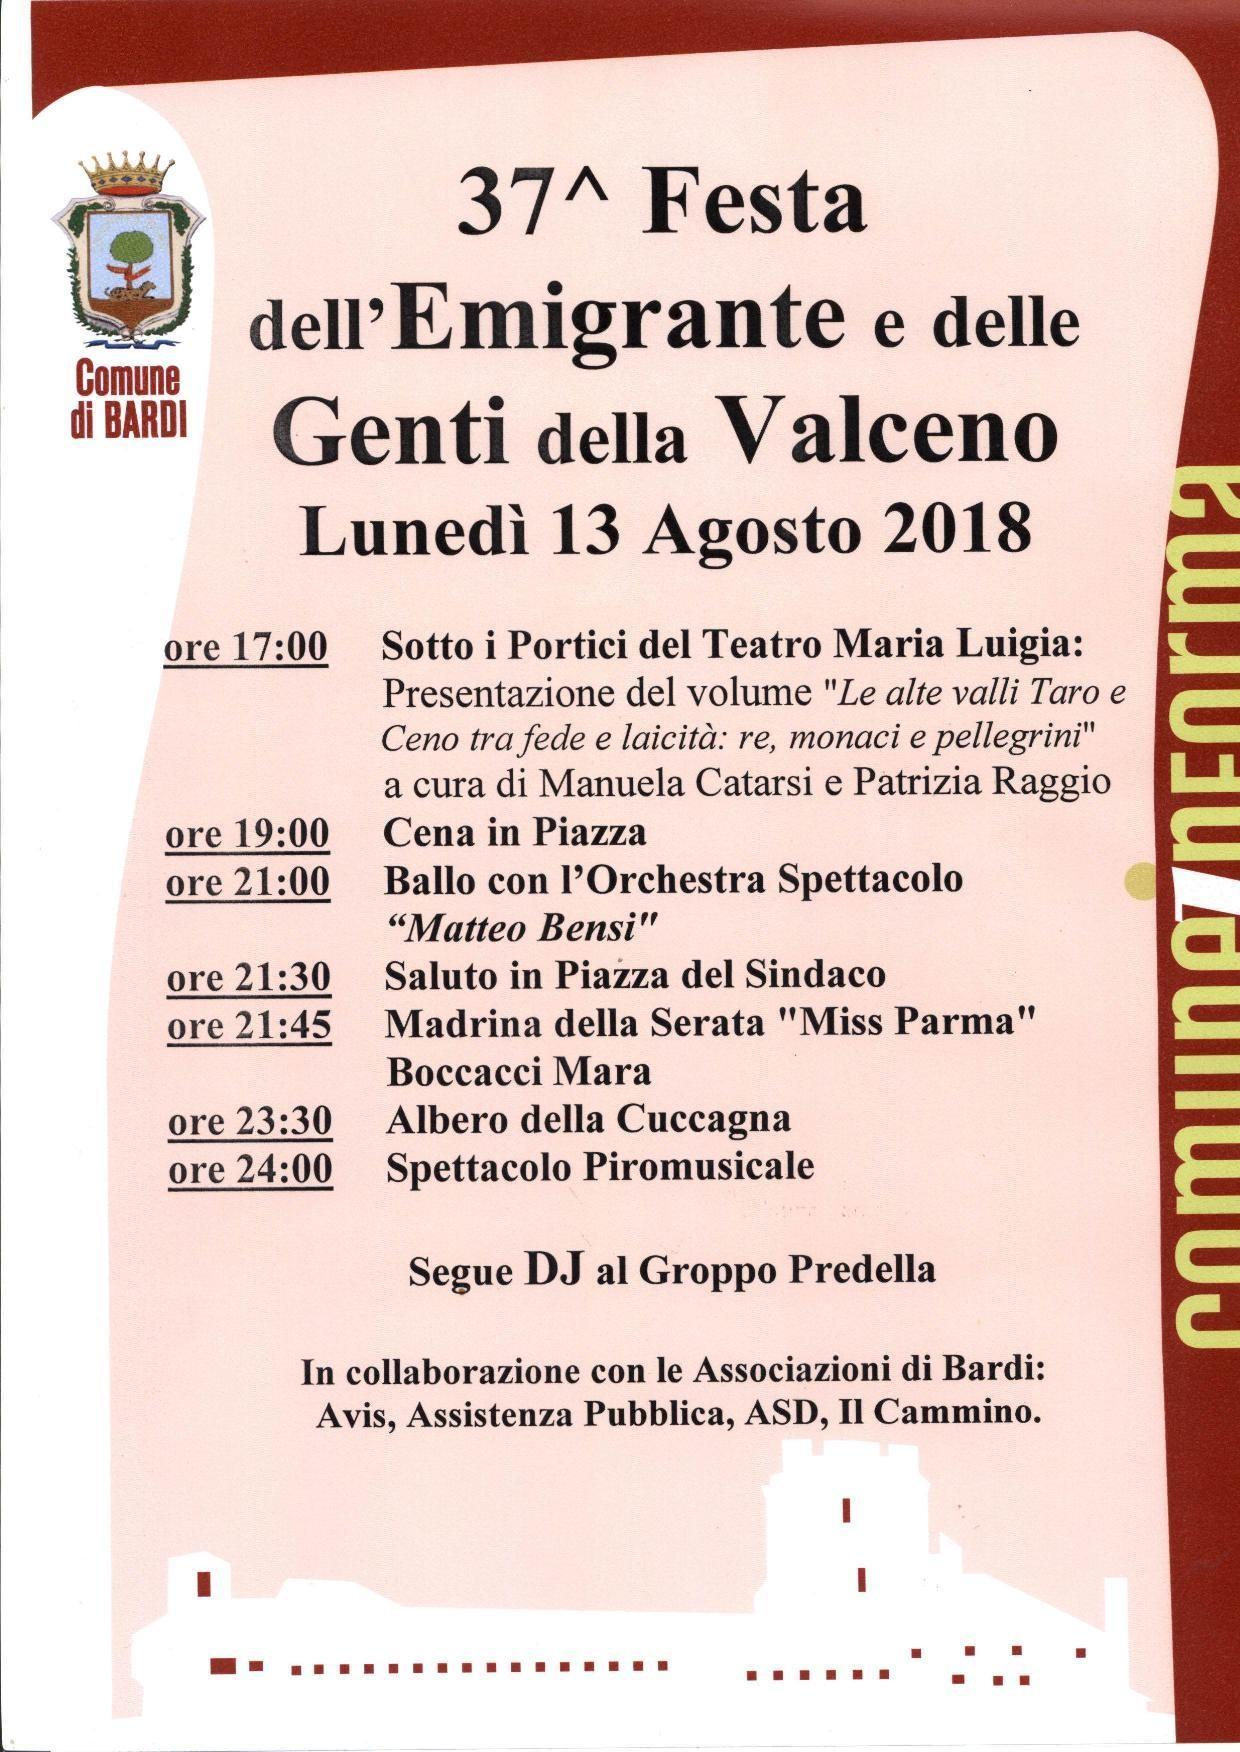 37^ FESTA DELL'EMIGRANTE E DELLE GENTI DELLA VALCENO